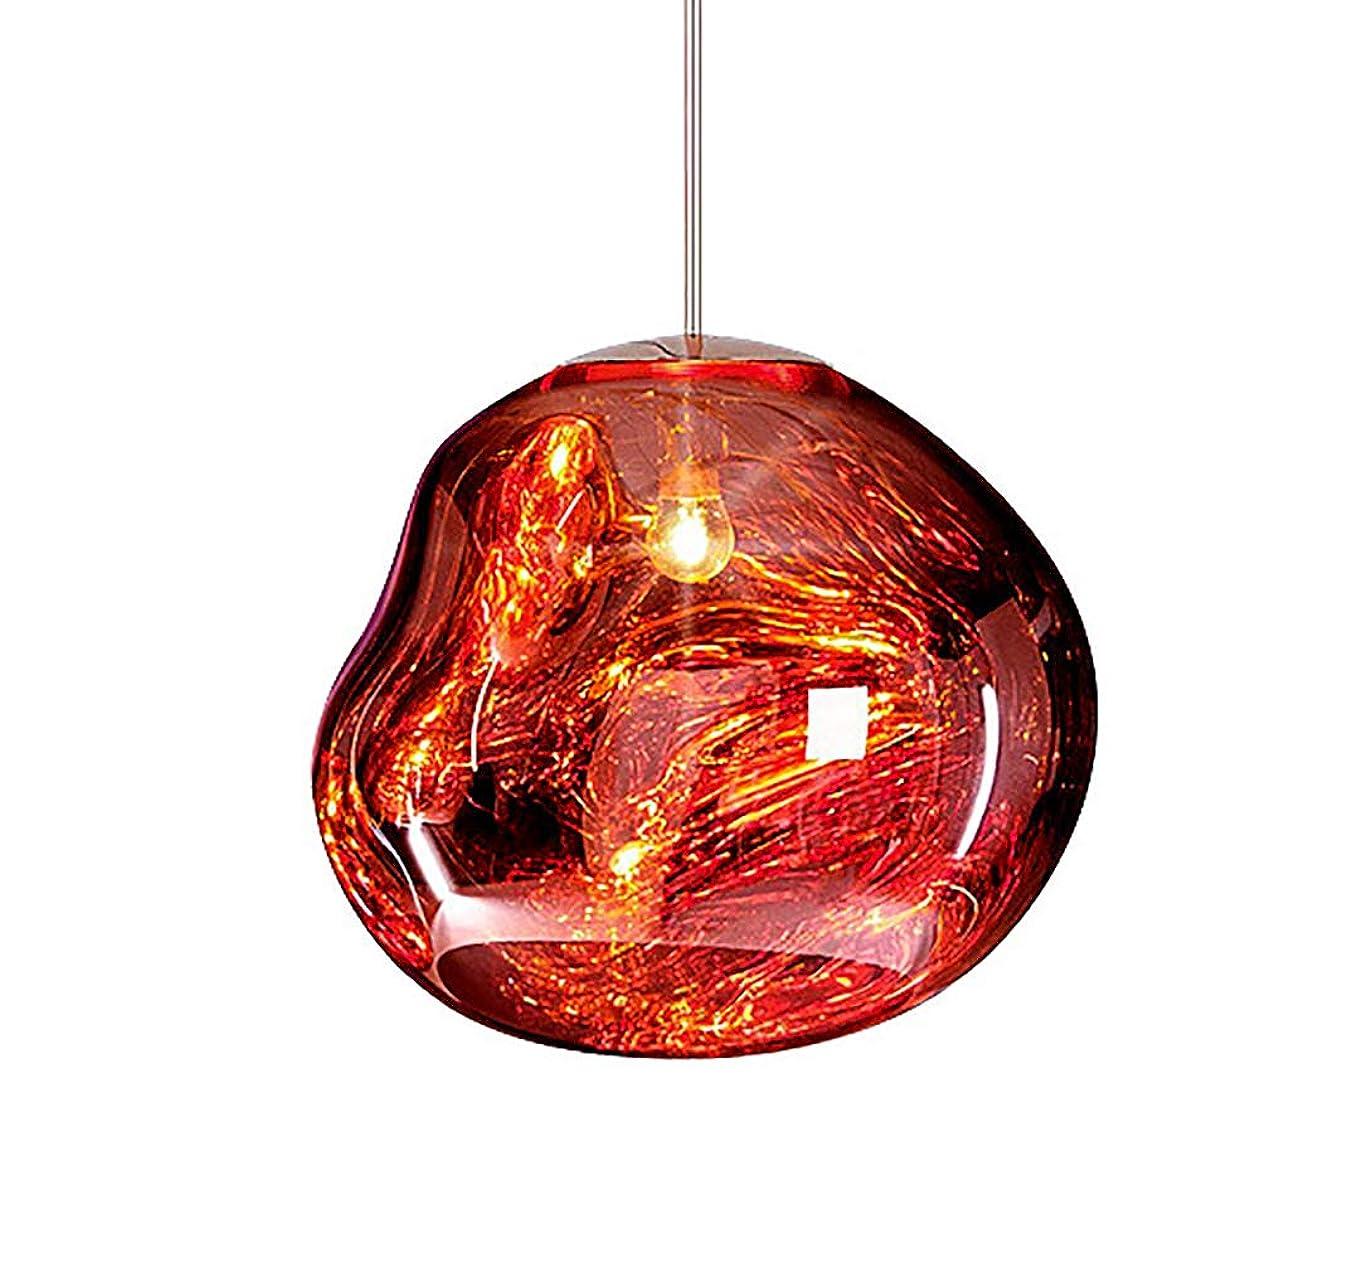 病んでいるカードタックルzhbotaolang 北欧 溶岩 ペンダント ランプ モダン - クリエイティブ レストラン バー シーリング ライト 服 ストア 寝室 レトロ ガラス シャンデリア(電球 含まれていません) 20CM レッド